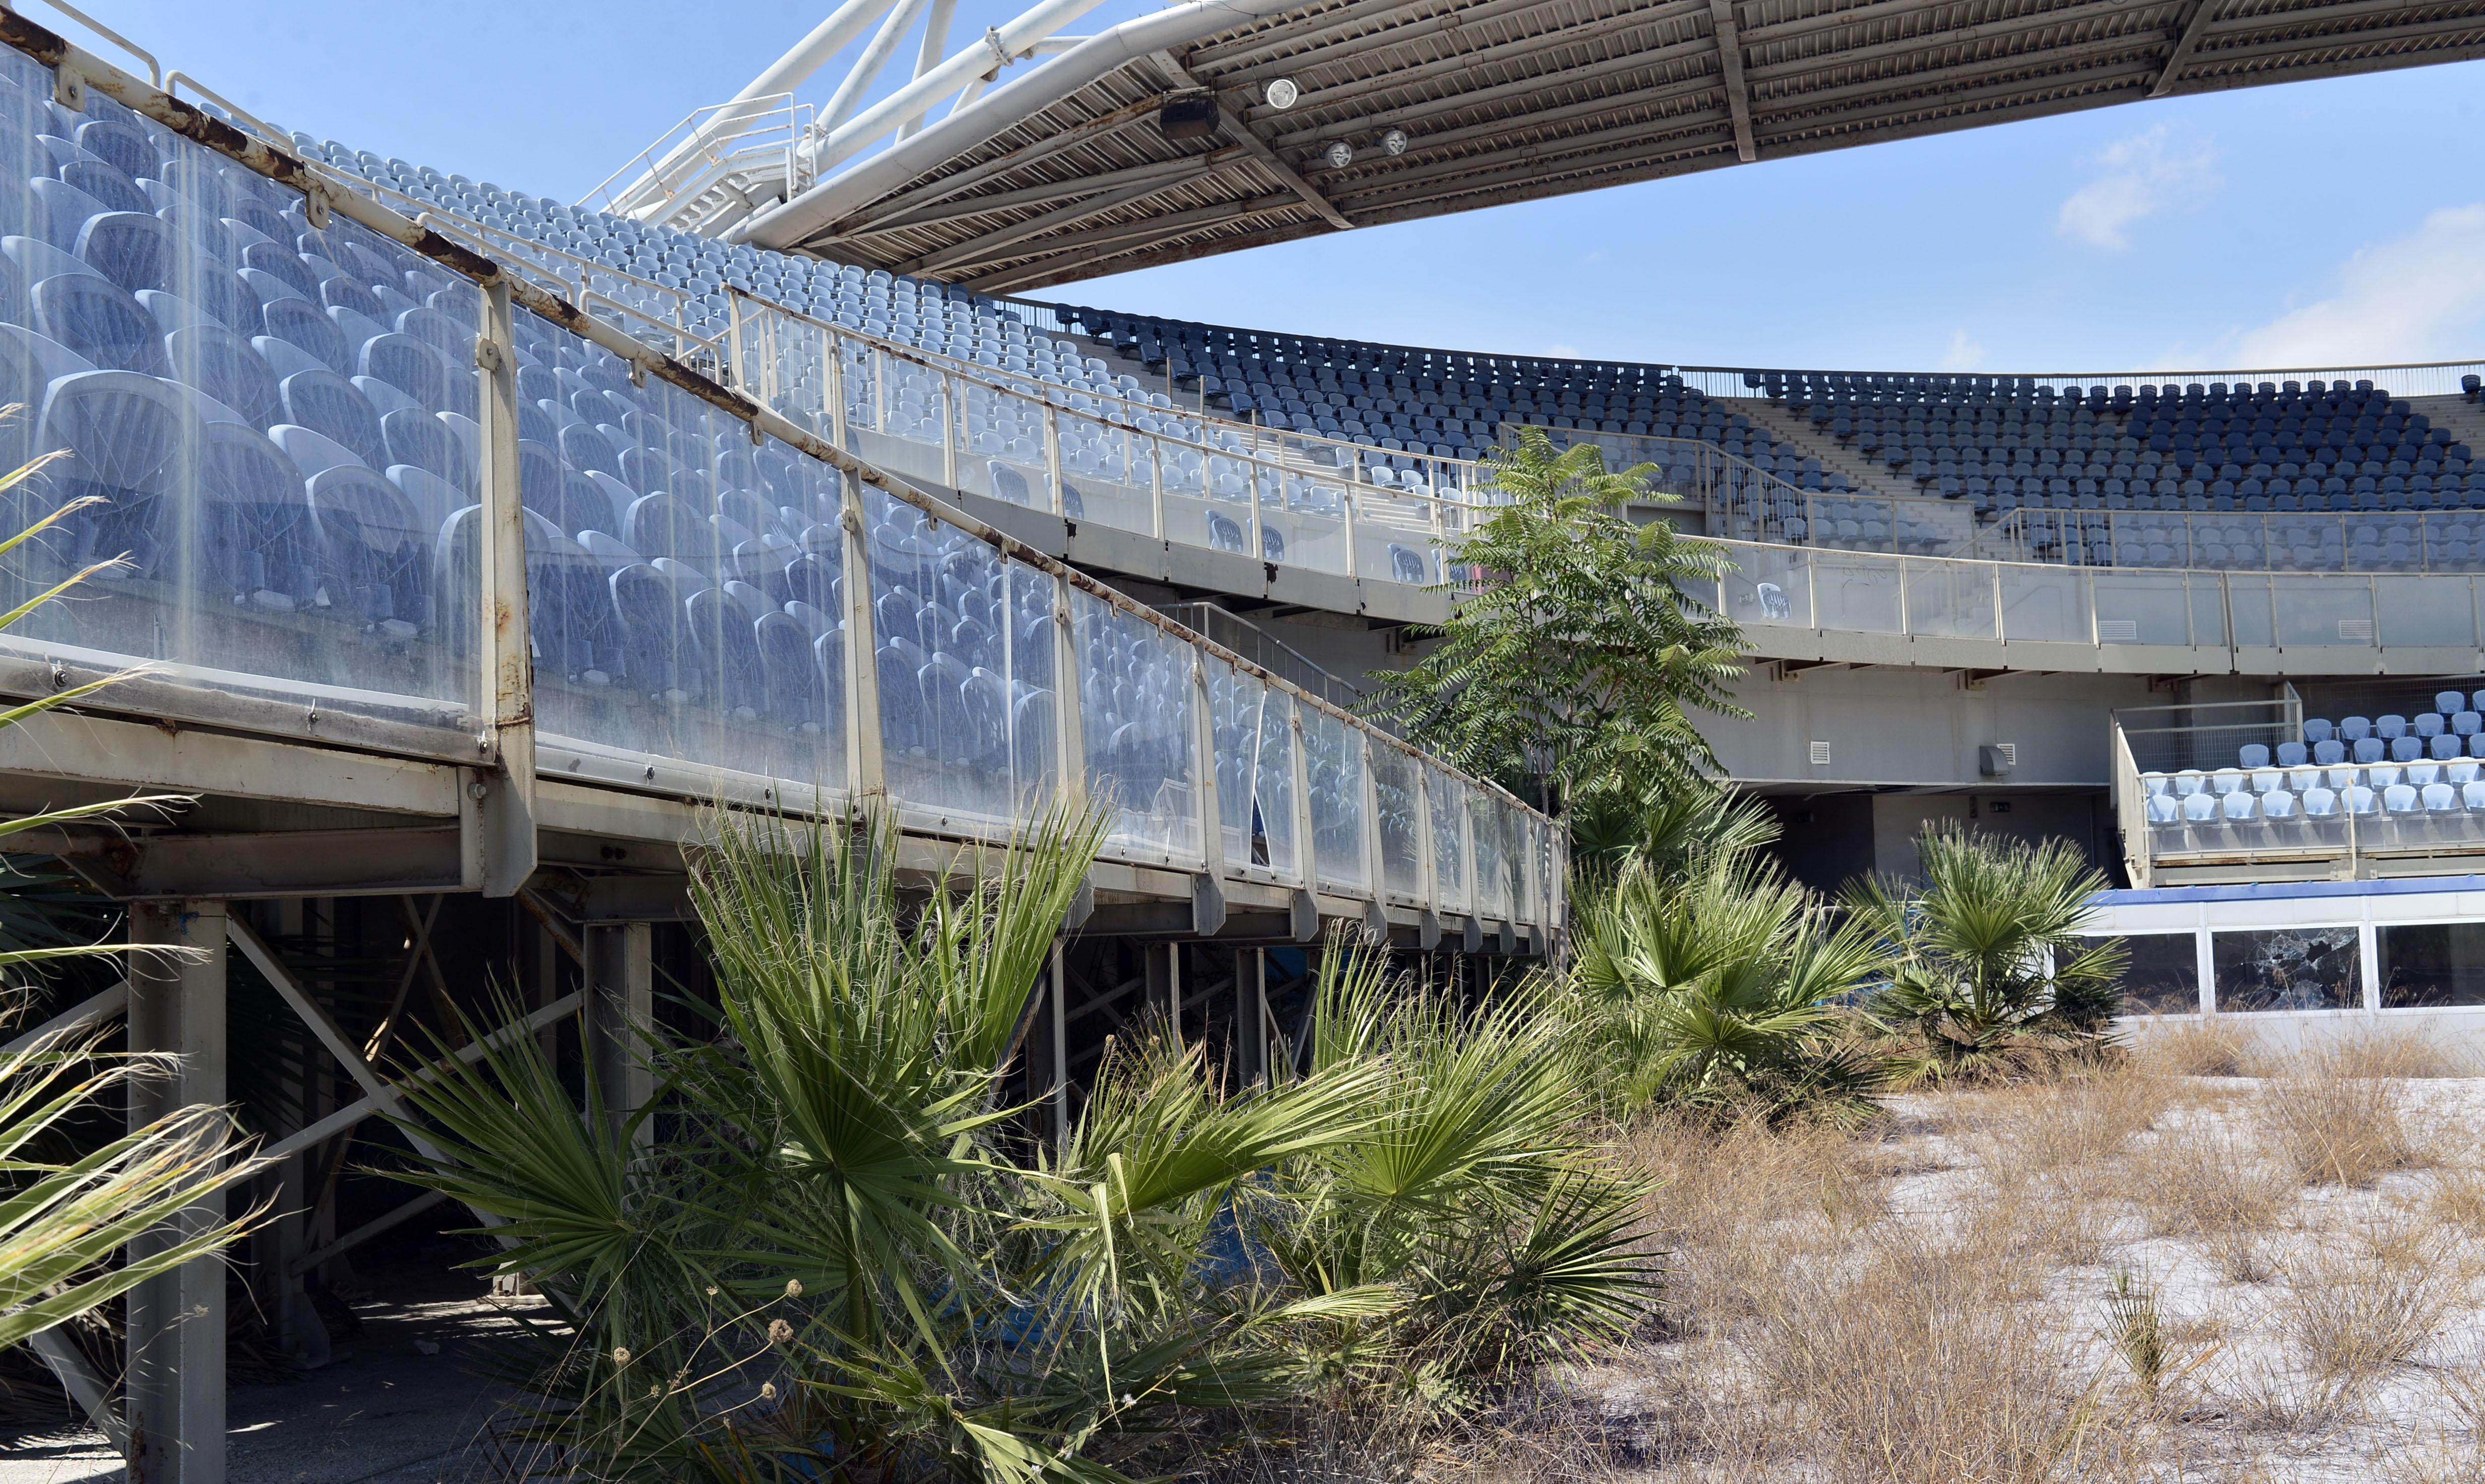 Algunas instalaciones no han sido utilizadas desde los Juegos. La vegetación se ha apoderado de ellas. | Fuente: Milos Bicanski, Getty Images.